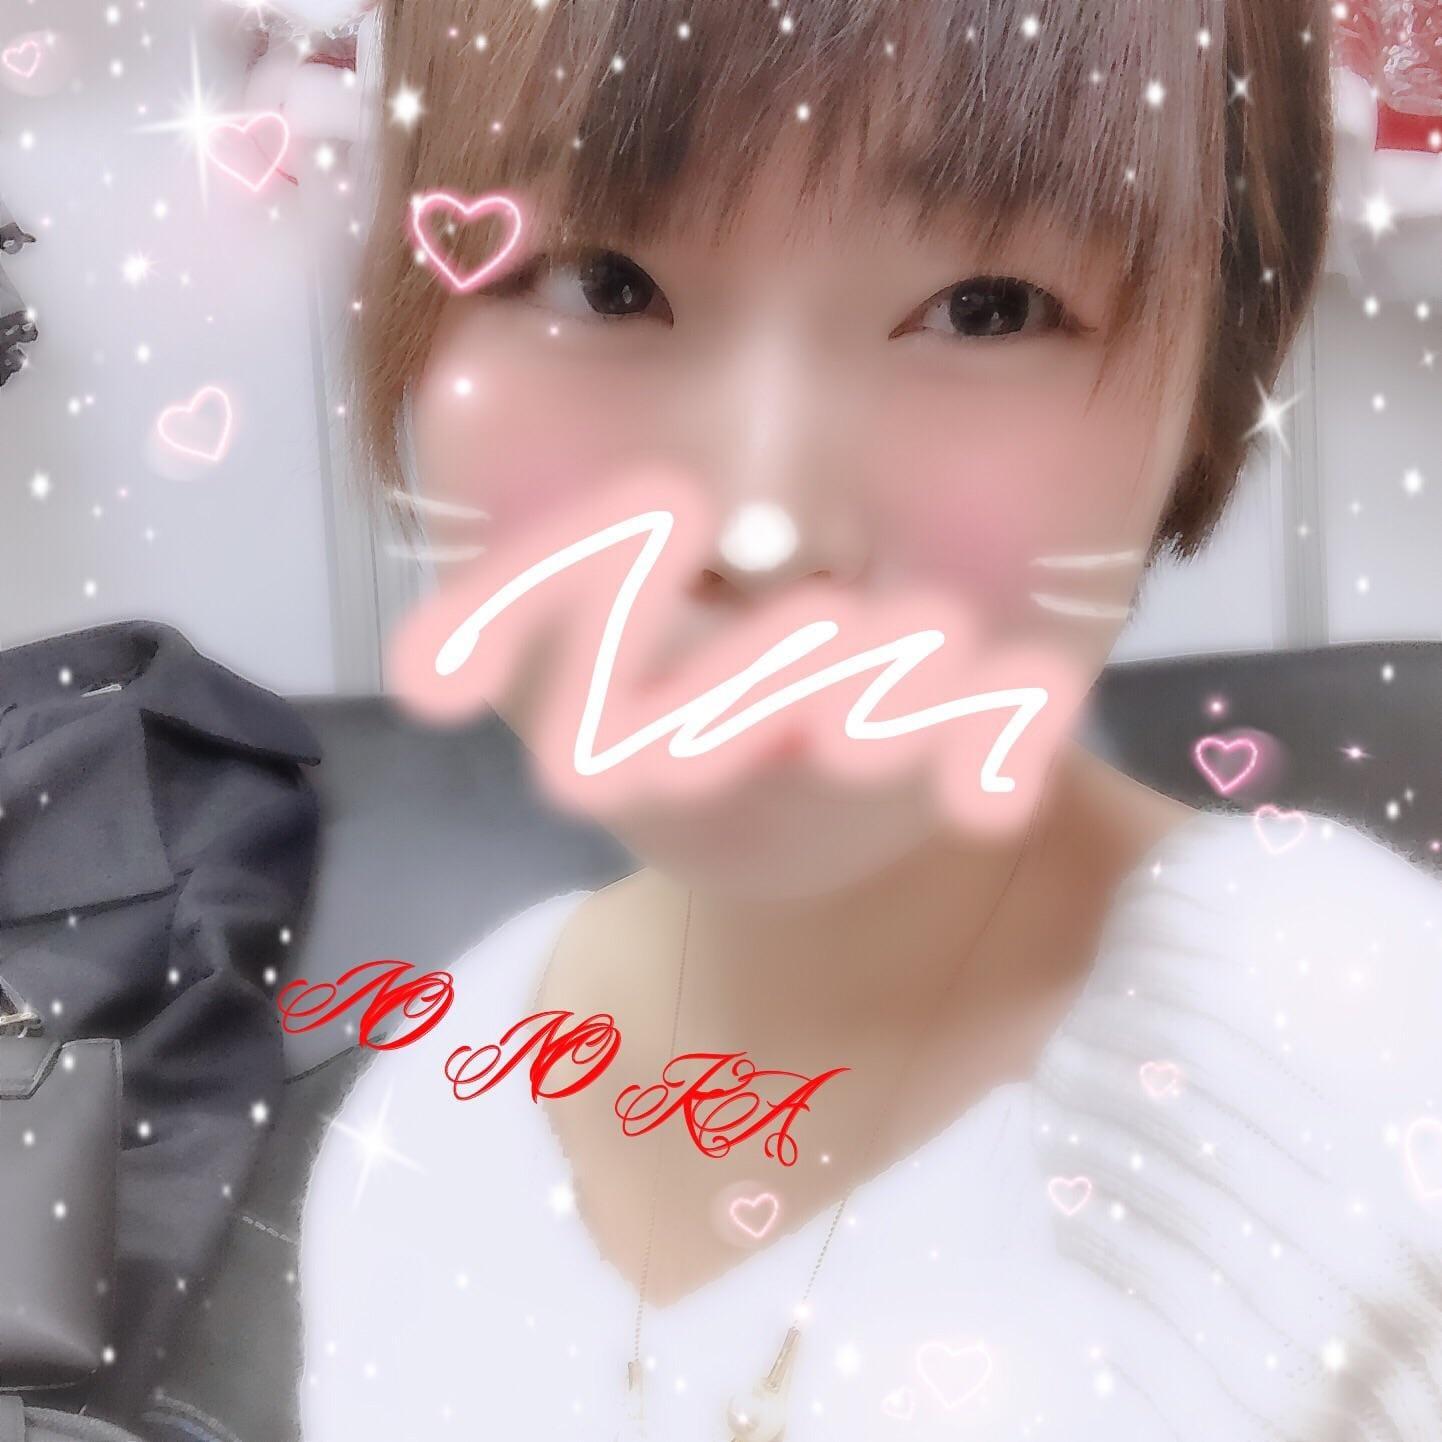 小嶋ののか「こんばんは♡」12/09(日) 22:09 | 小嶋ののかの写メ・風俗動画